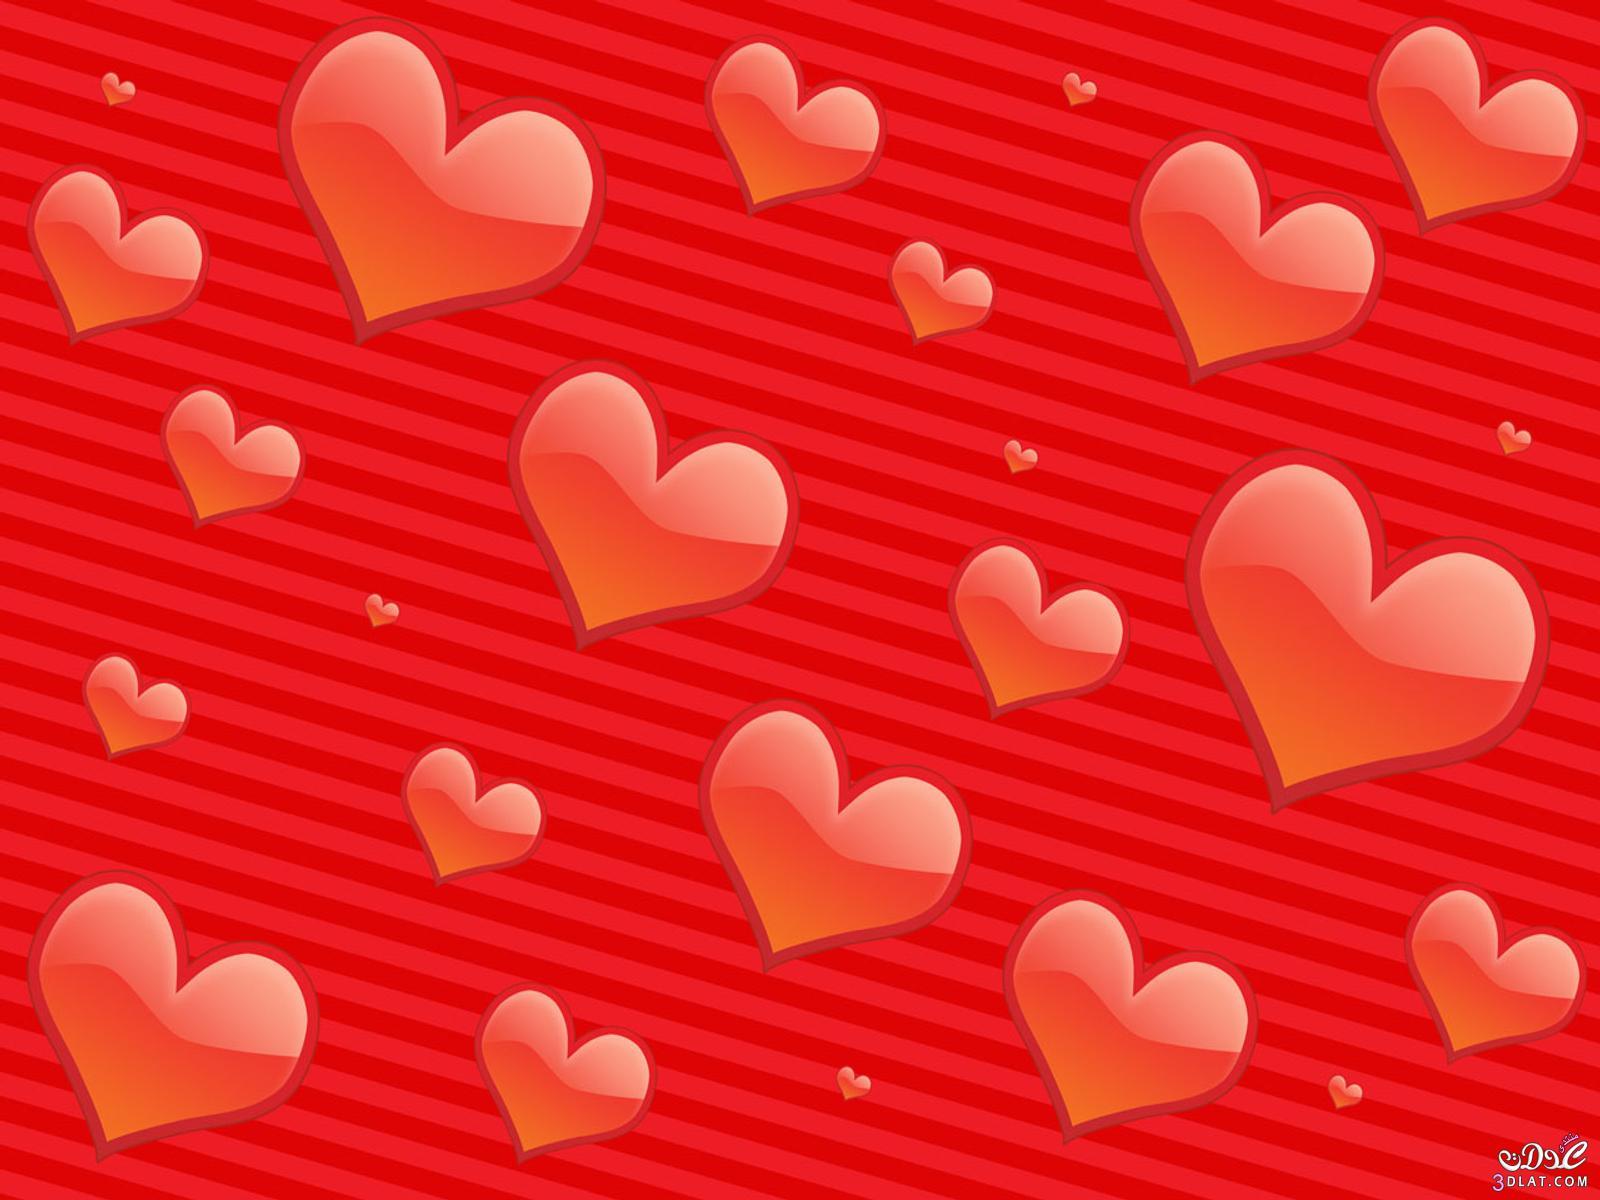 بالصور صور ورود على شكل قلوب بمناسبة عيد الحب صور ورد على شكل قلب لعيد الحب 4305 2